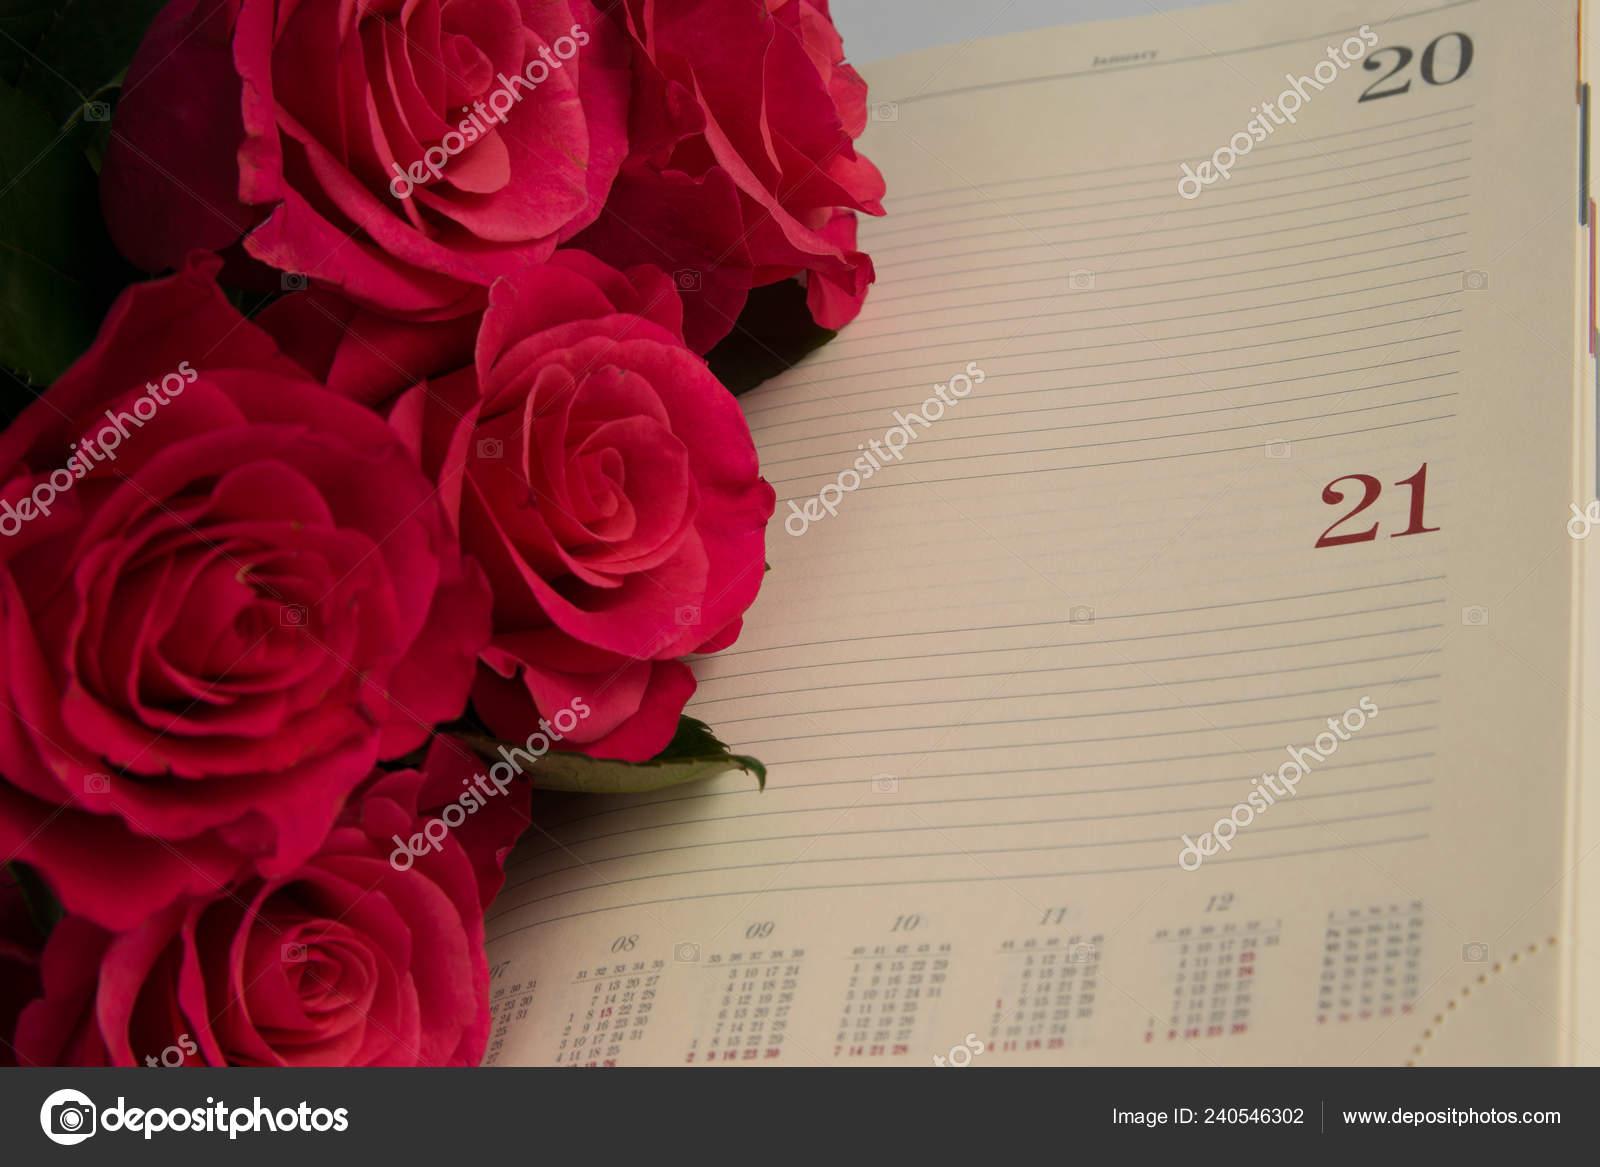 c5042a1a0c3d Decoración Calendario Día Abuela Del Abuelo — Foto de stock © ysuel ...